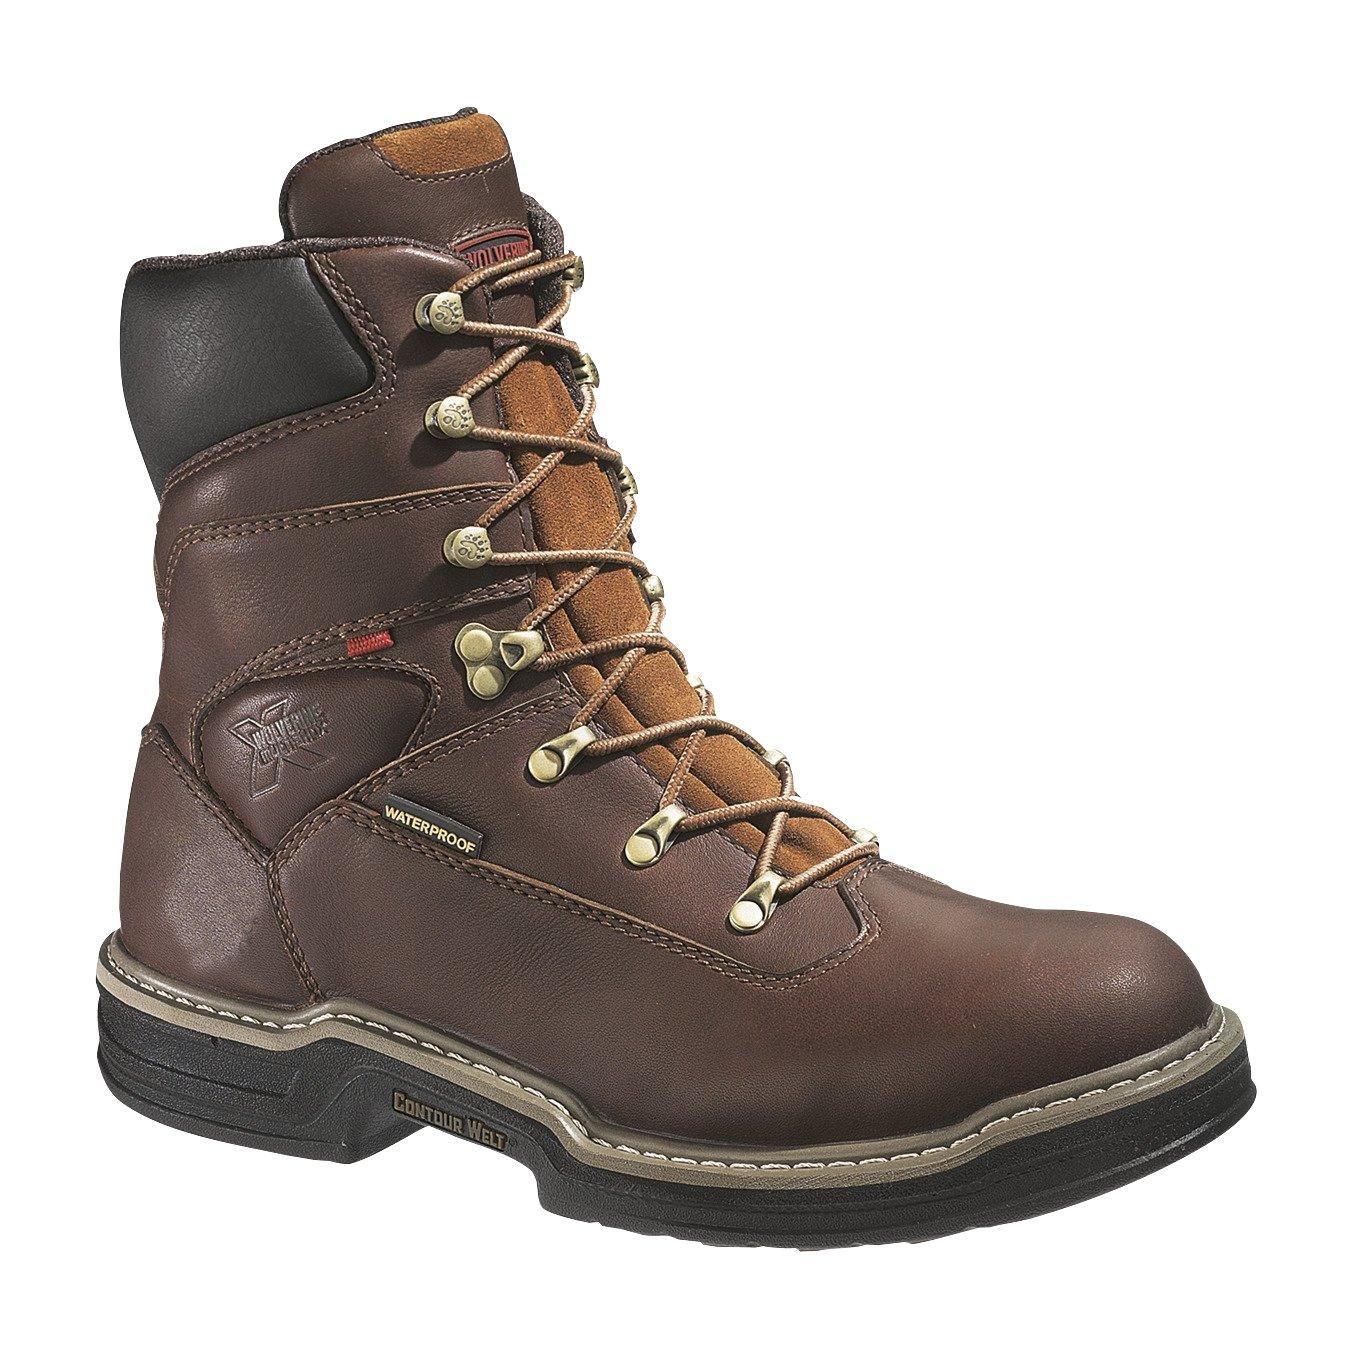 Wolverine Men's Buccaneer Work Boots